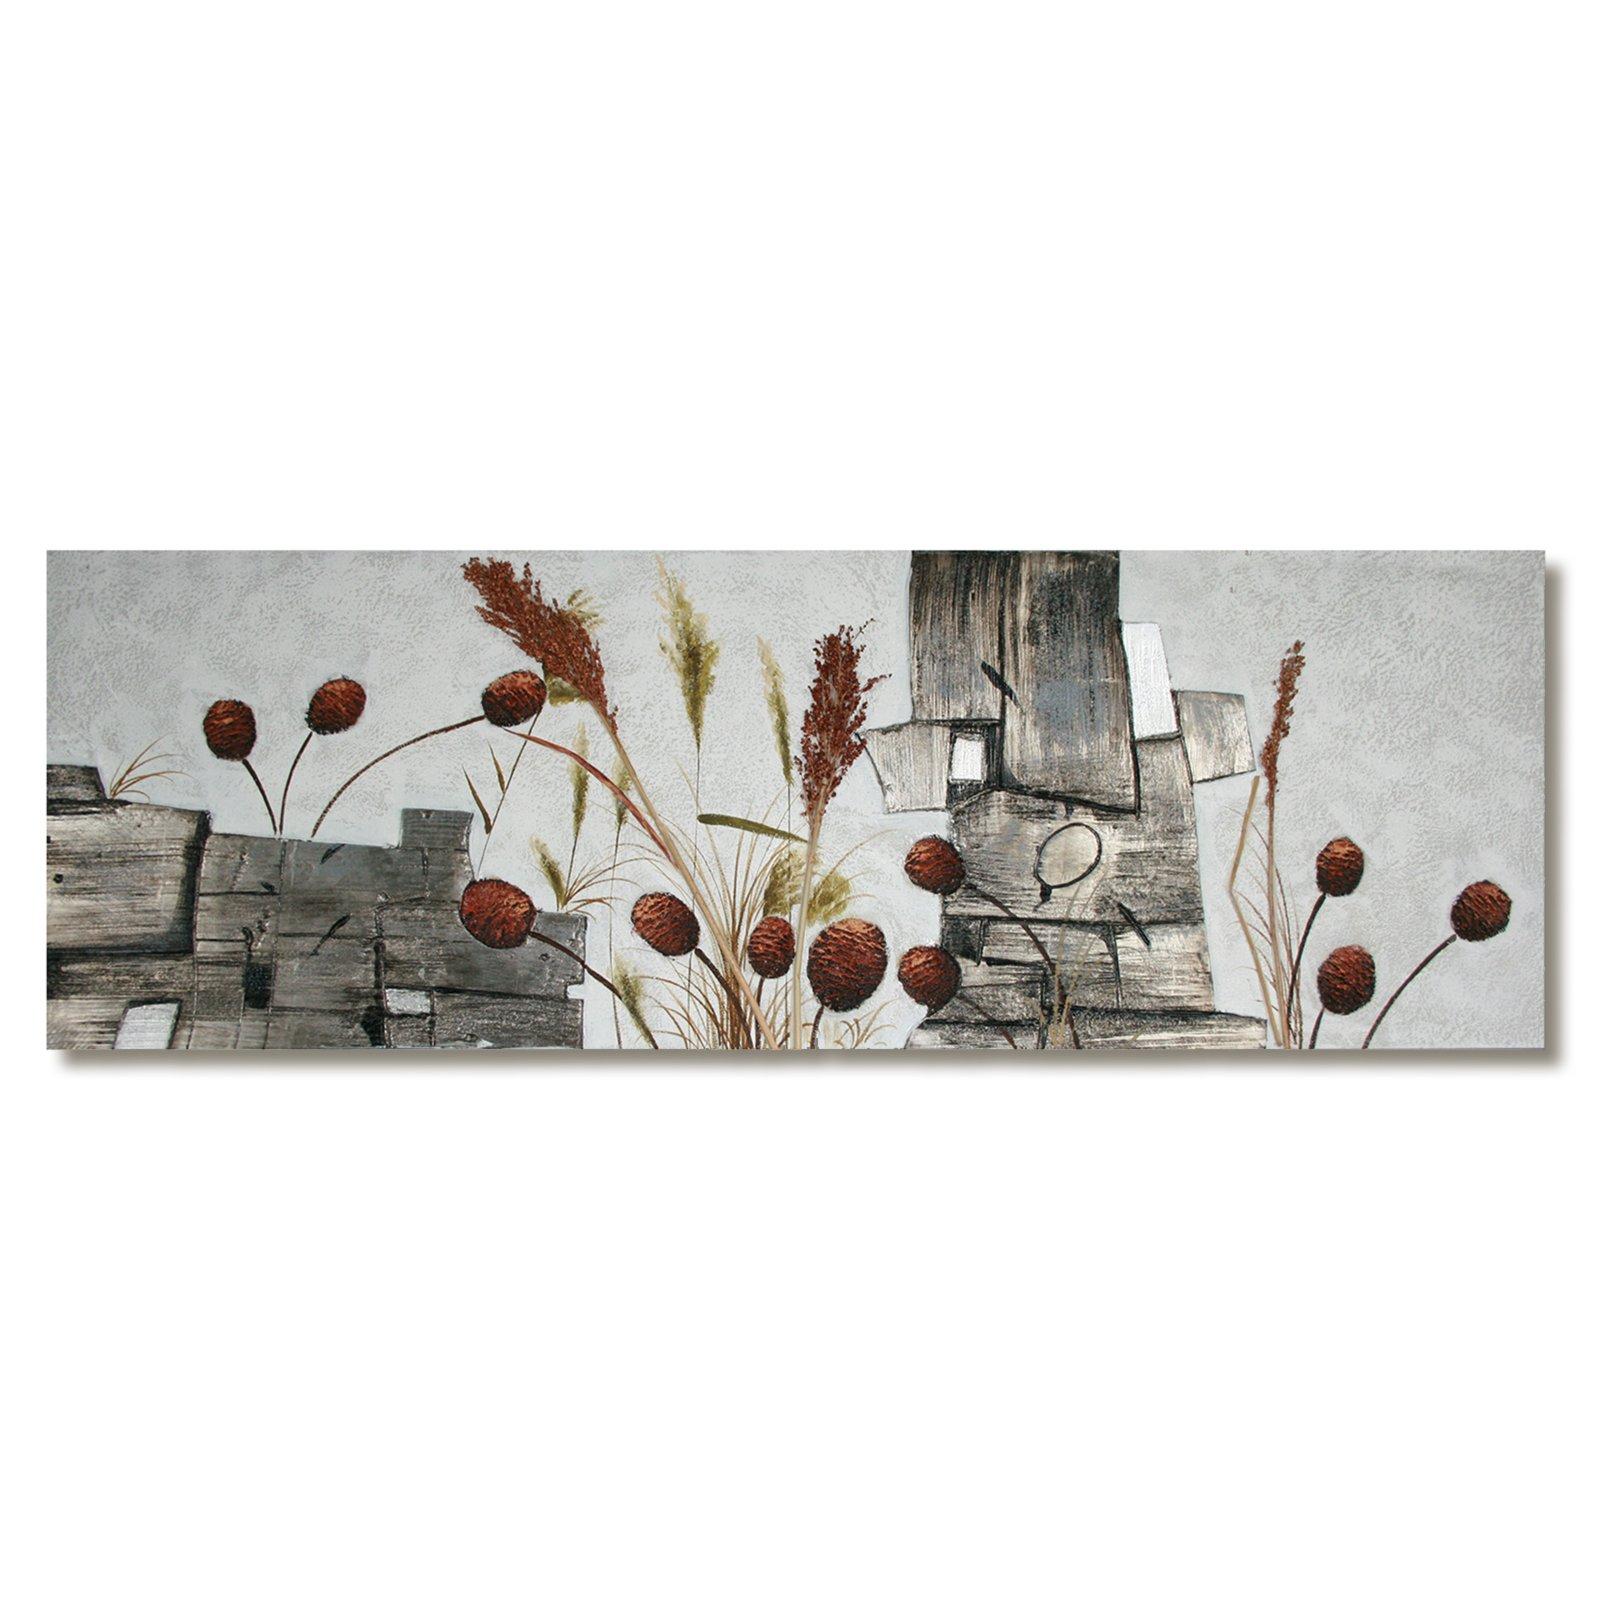 Lgem lde grau braun pflanzen 50x150 cm bilder for Wohnzimmer deko grau braun